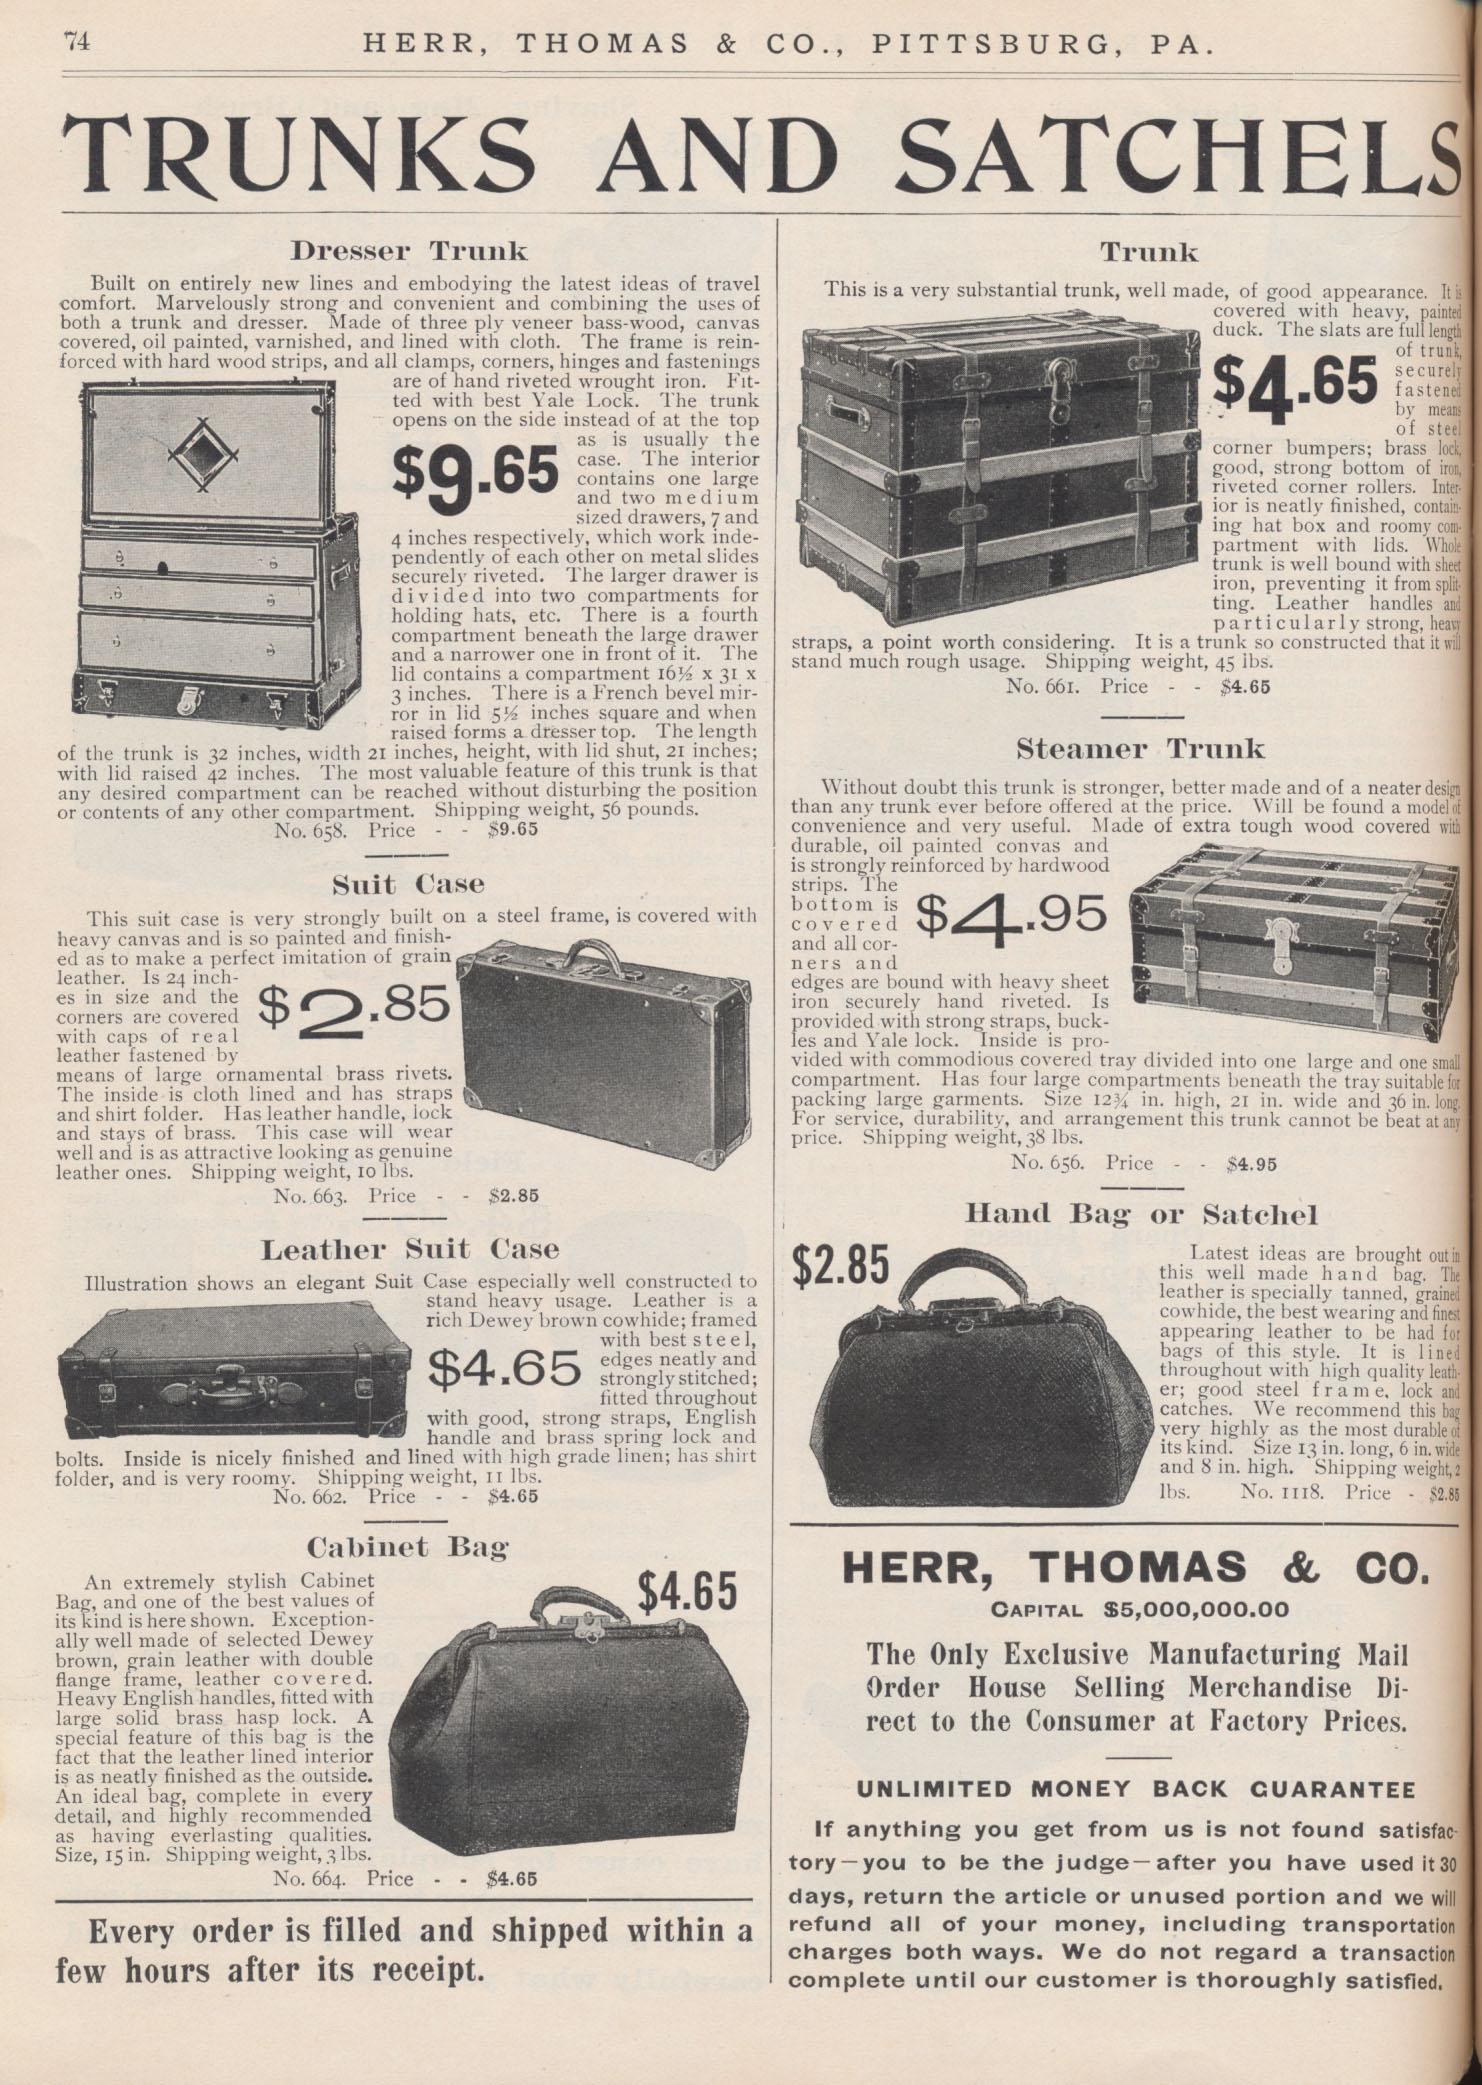 Luggage including Dresser Trunk, Suit Case, Leather Suit Case, Cabinet Bag, Trunk, Steamer Trunk, Hand Bag or Satchel